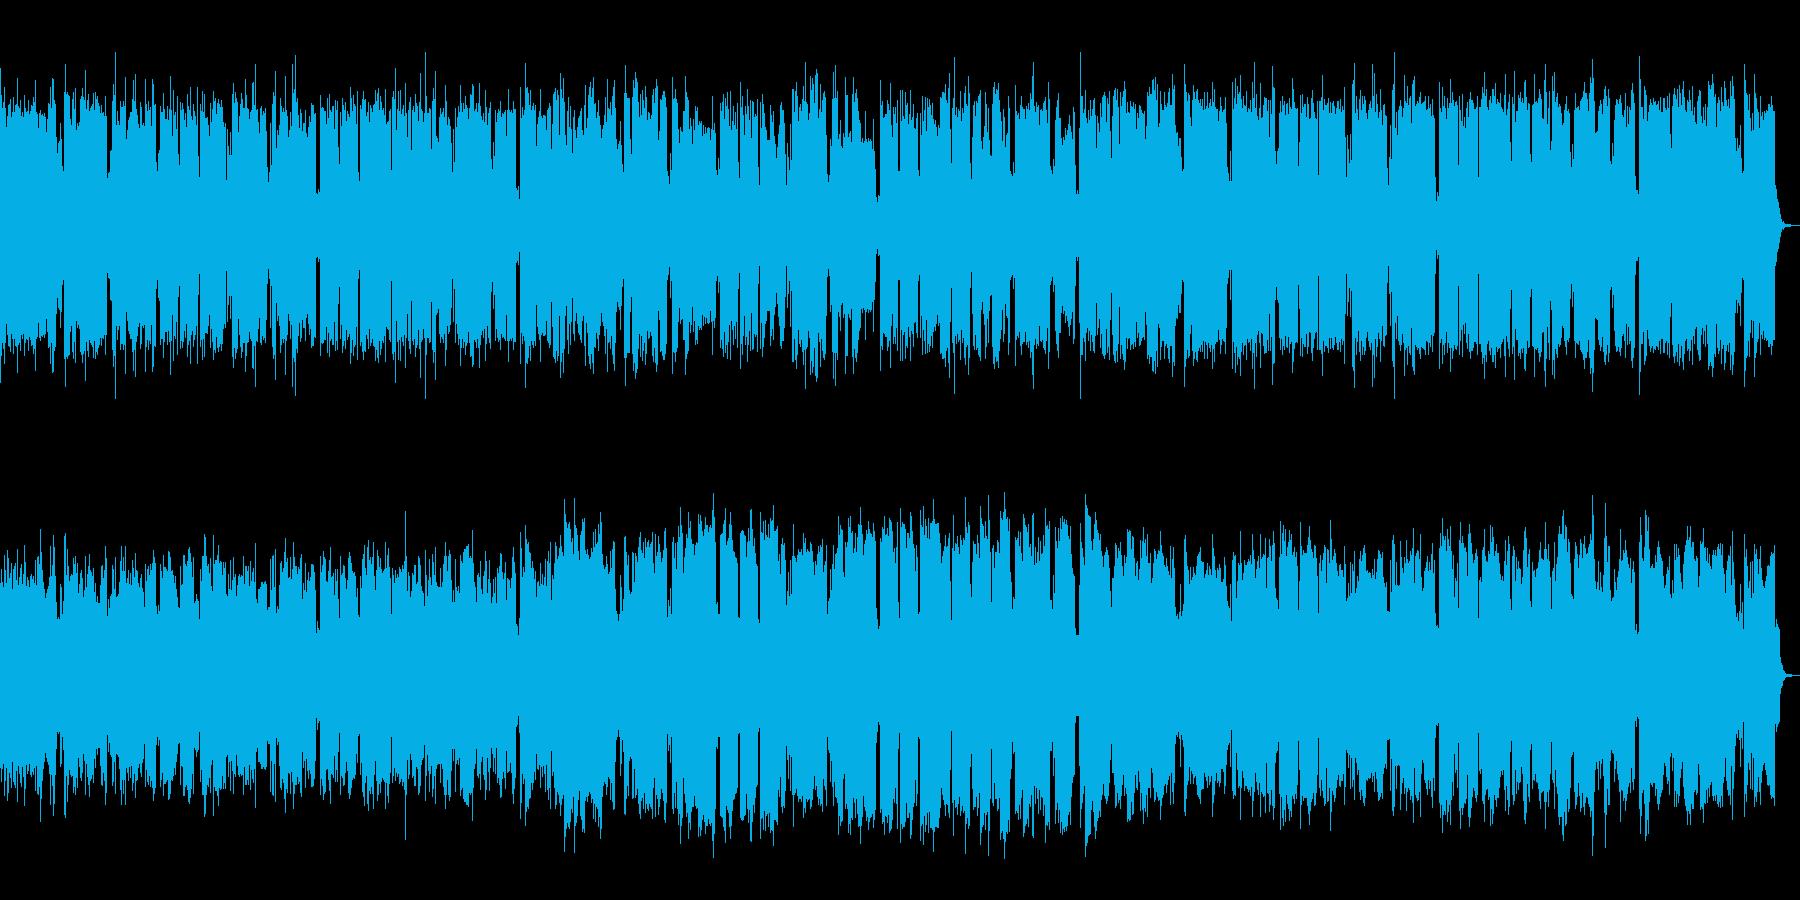 エレP&管楽器のレトロなメロディアス楽曲の再生済みの波形